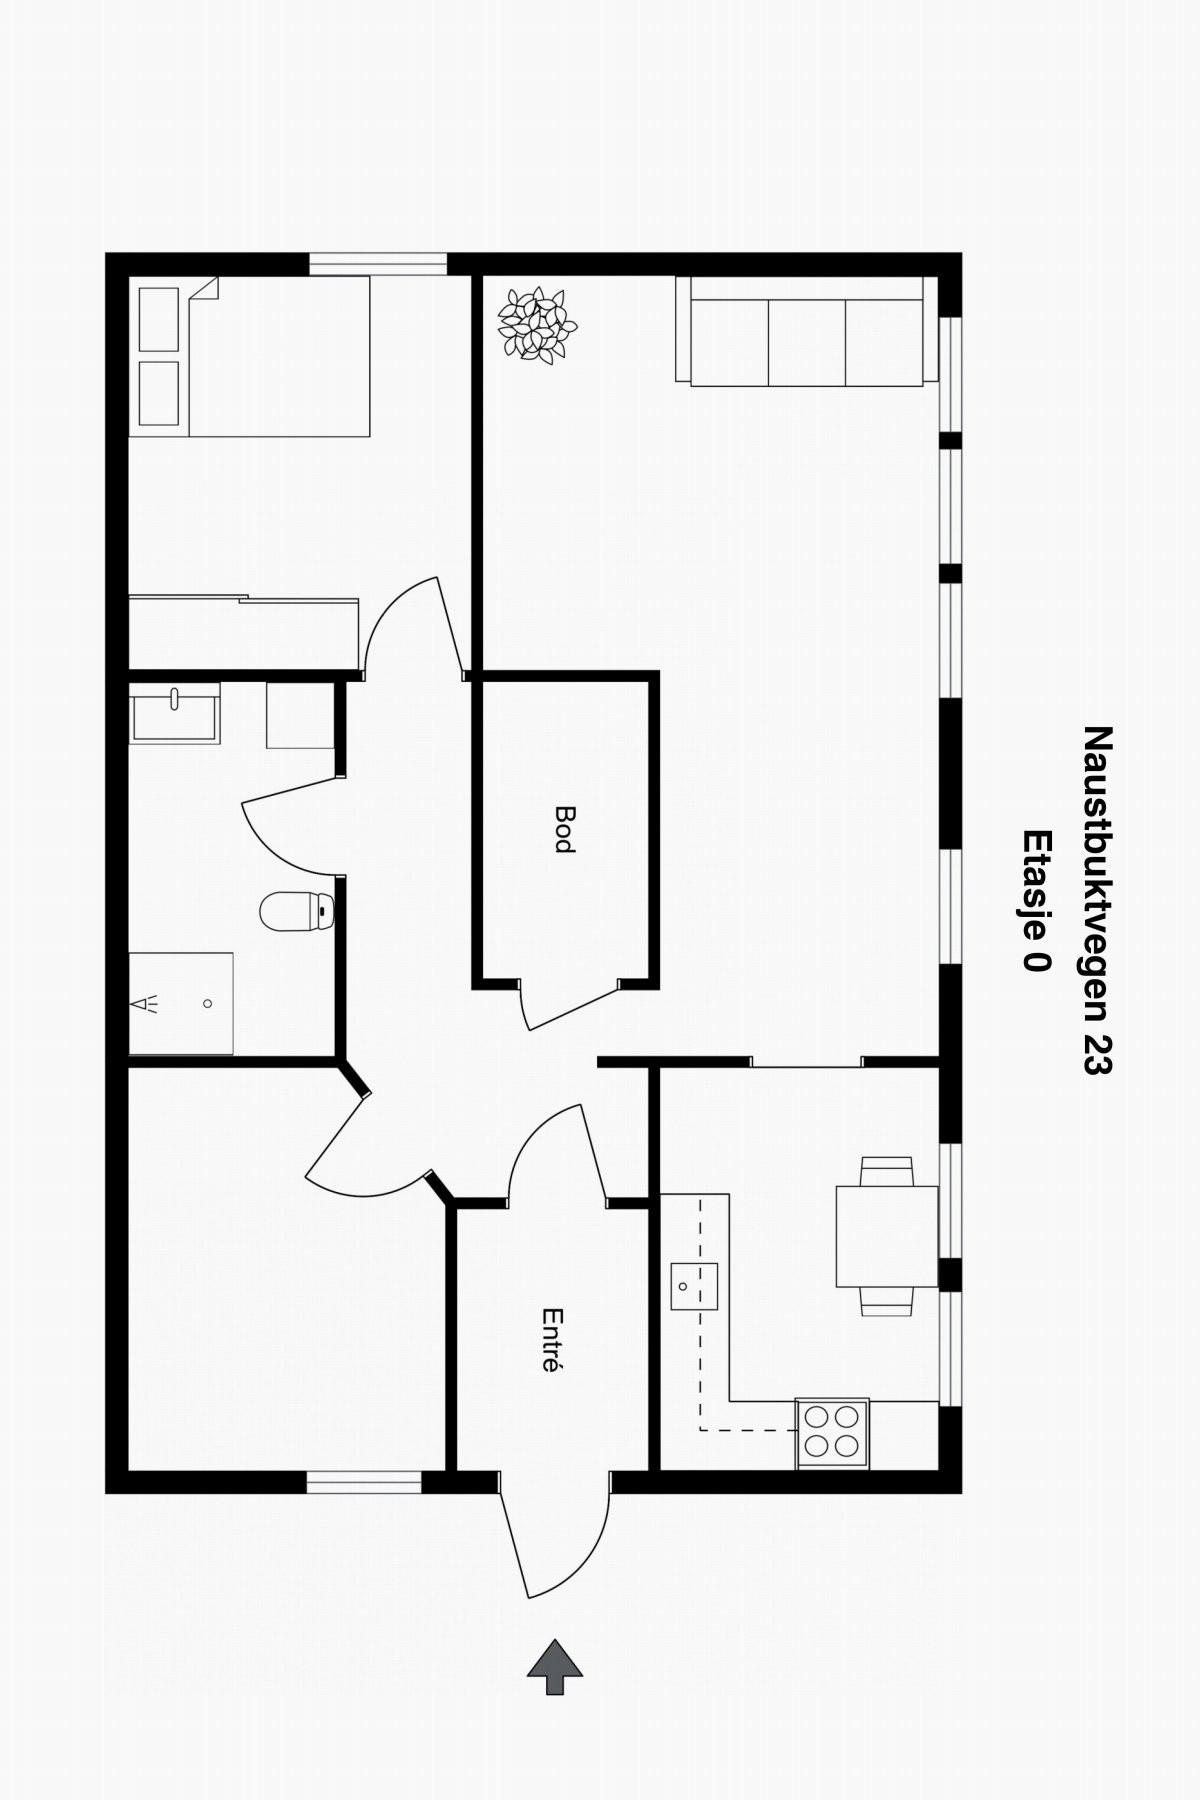 Planskisse etasje. 0